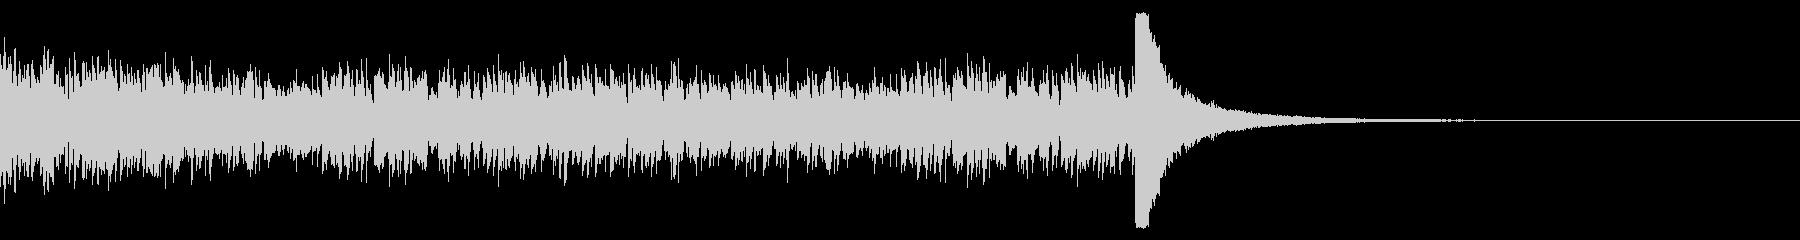 ドラムロール(22秒)の未再生の波形